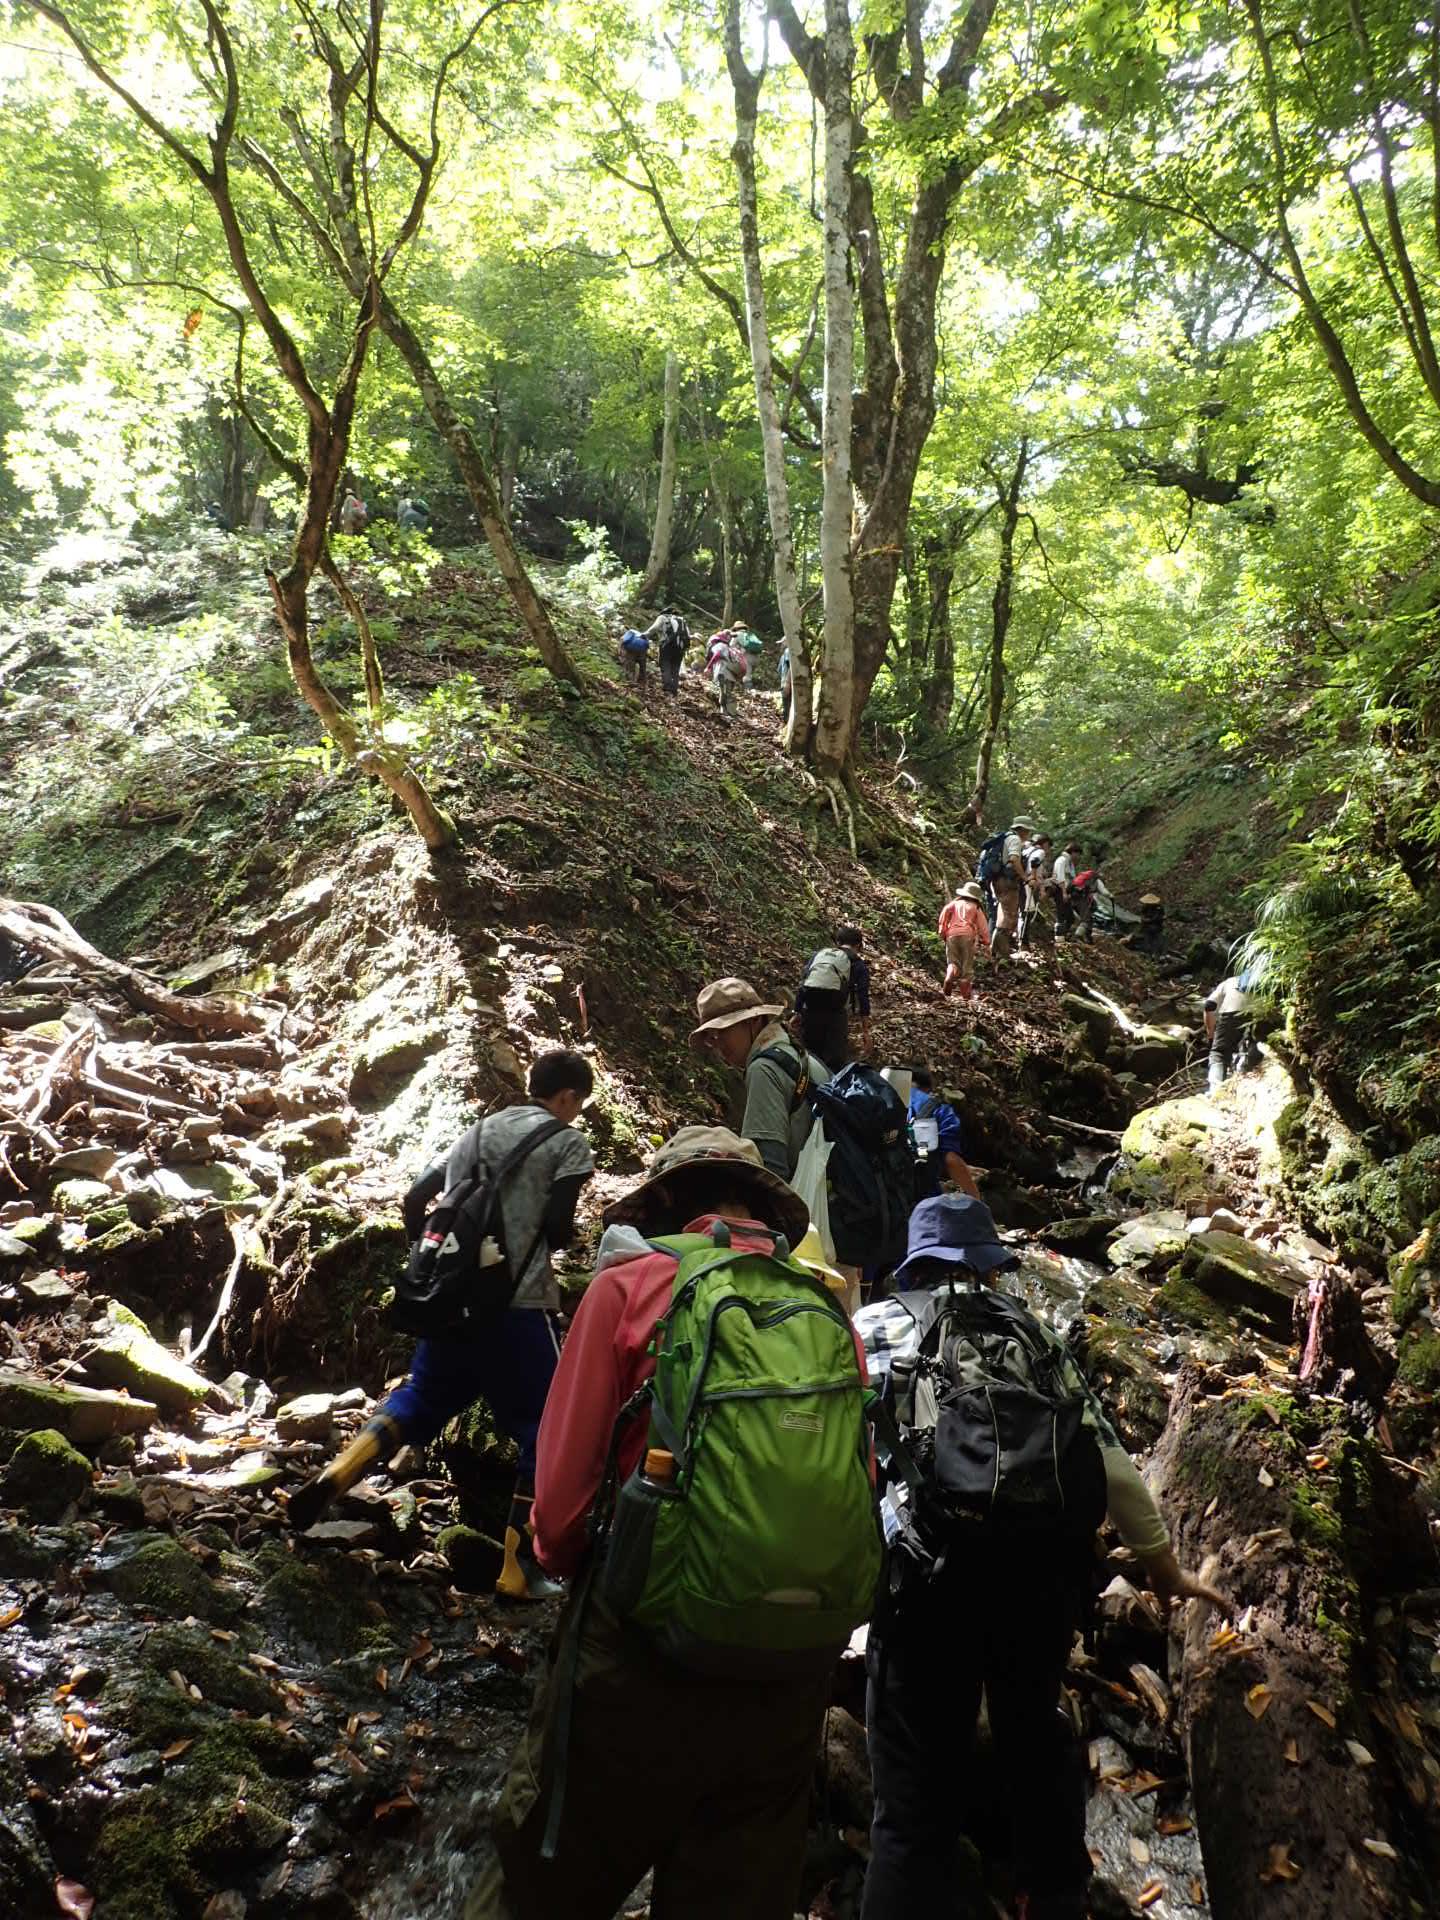 栃の木のある谷は、キラキラ輝く渓流